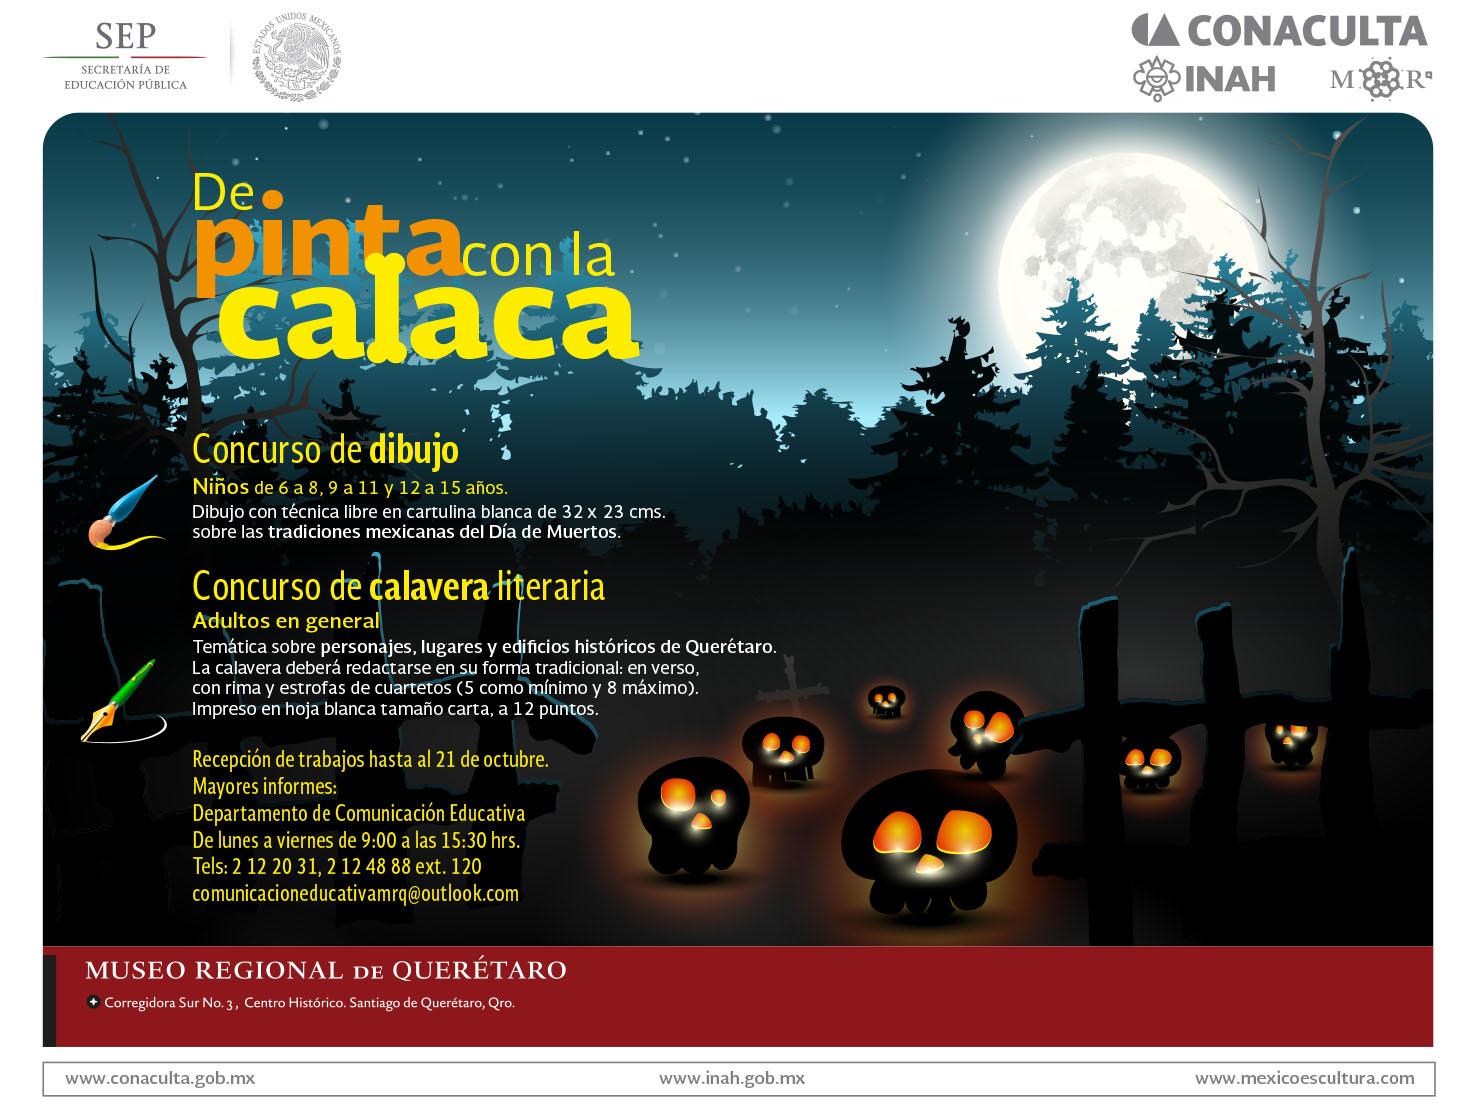 DE PINTA CON LA CALACA Concurso de dibujo y calavera literaria